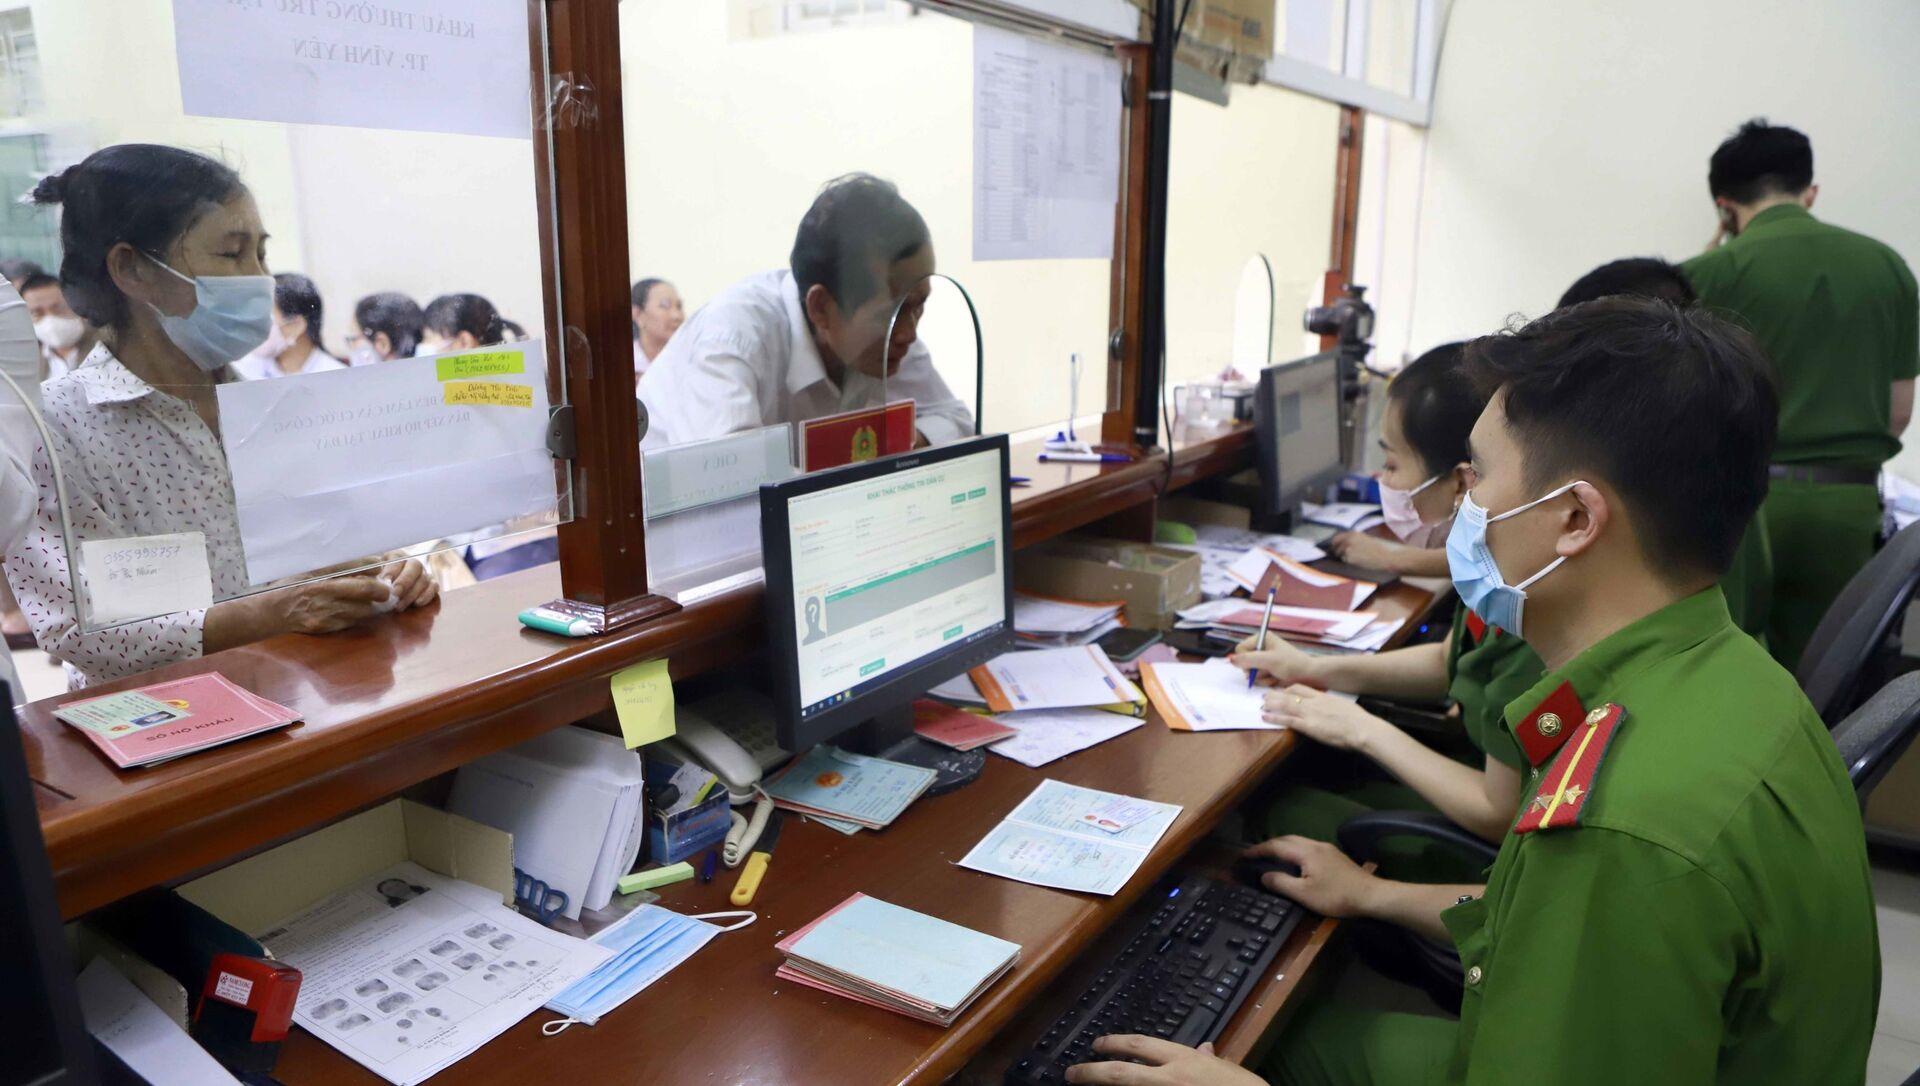 Người dân đến làm CCCD gắn chíp tại Phòng quản lý hành chính về trật tự xã hội, Công an thành phố Vĩnh Yên. - Sputnik Việt Nam, 1920, 29.05.2021